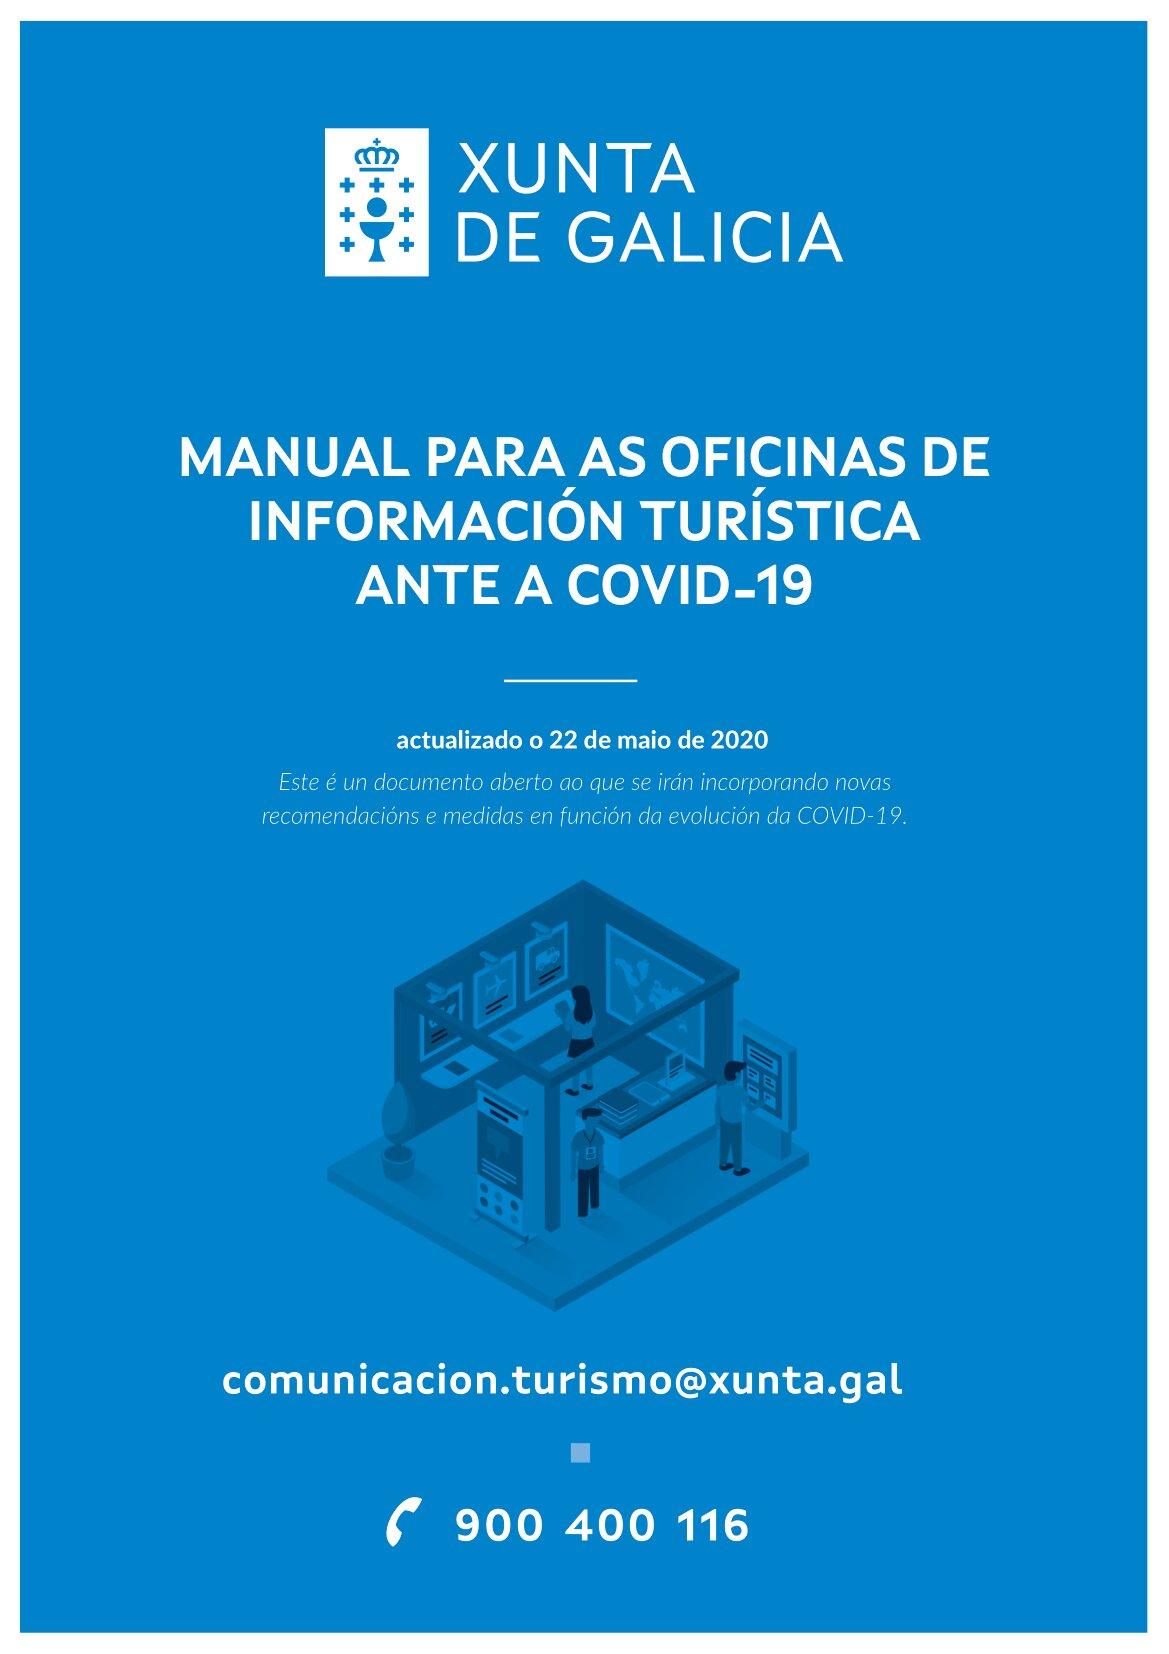 Xa podes descargar os manuais de recomendacións fronte á COVID 19 da Xunta de Galicia para o sector turístico galego